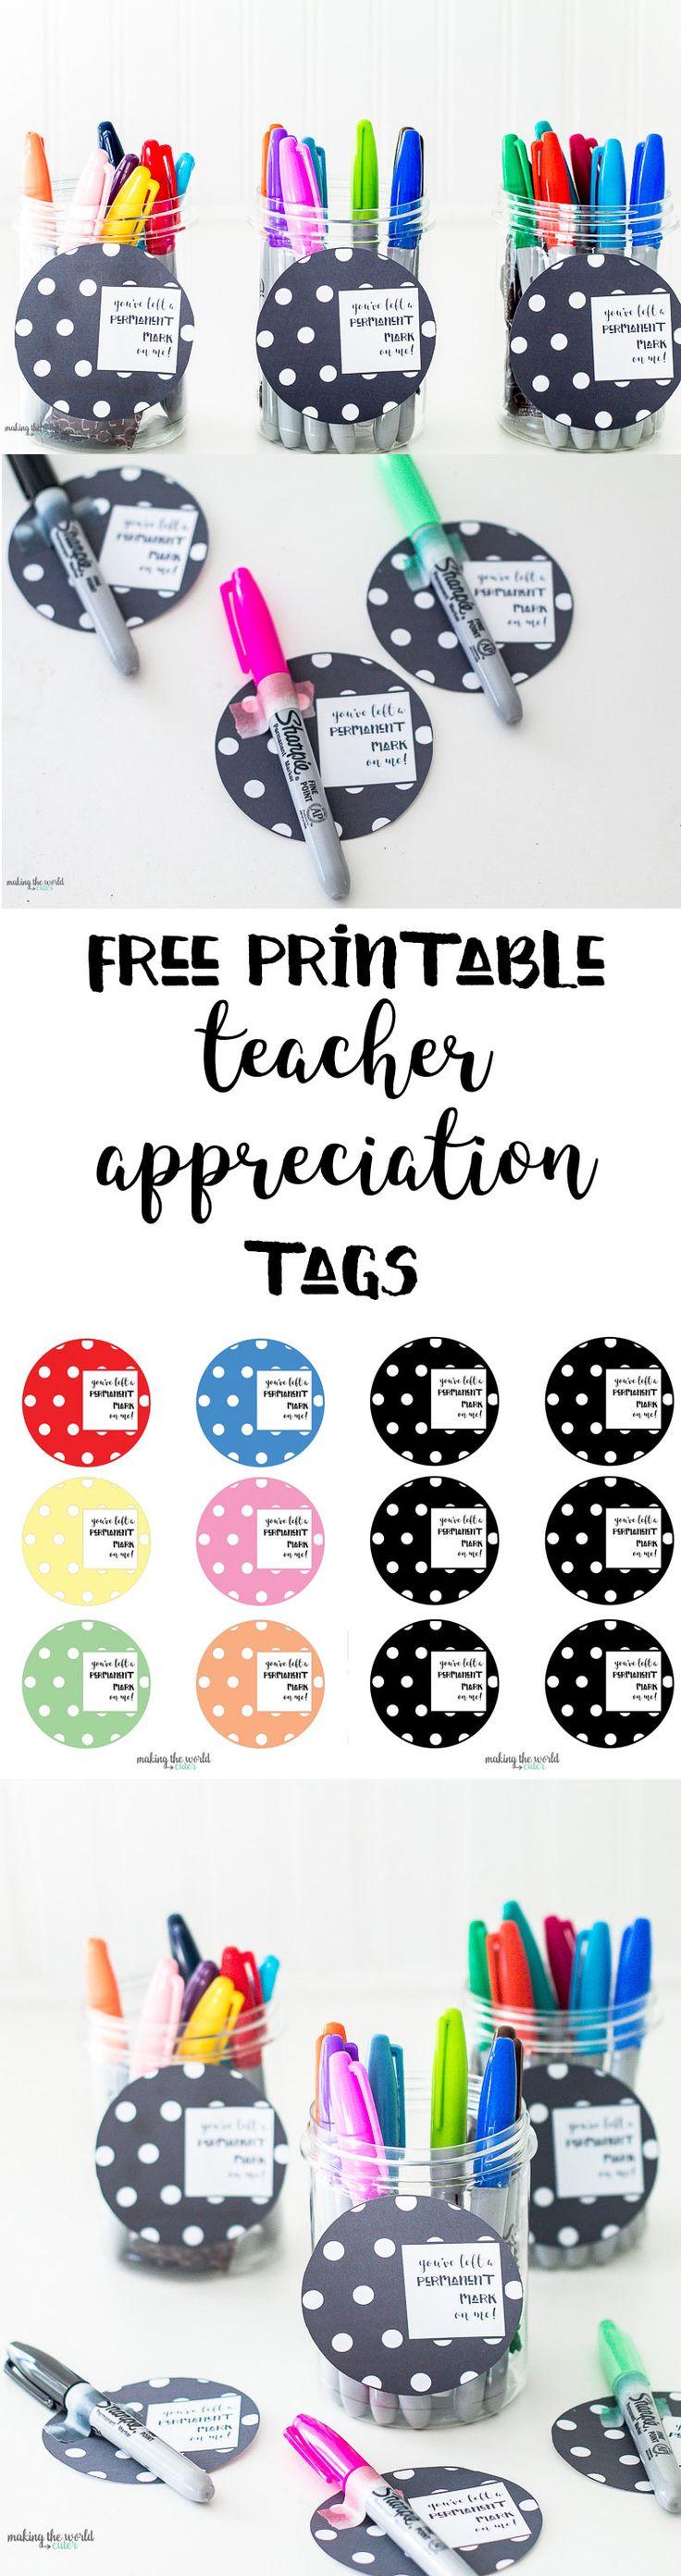 Sharpie Teacher Appreciation Gift Ideas http://makingtheworldcuter.com/2017/04/sharpie-teacher-appreciation/